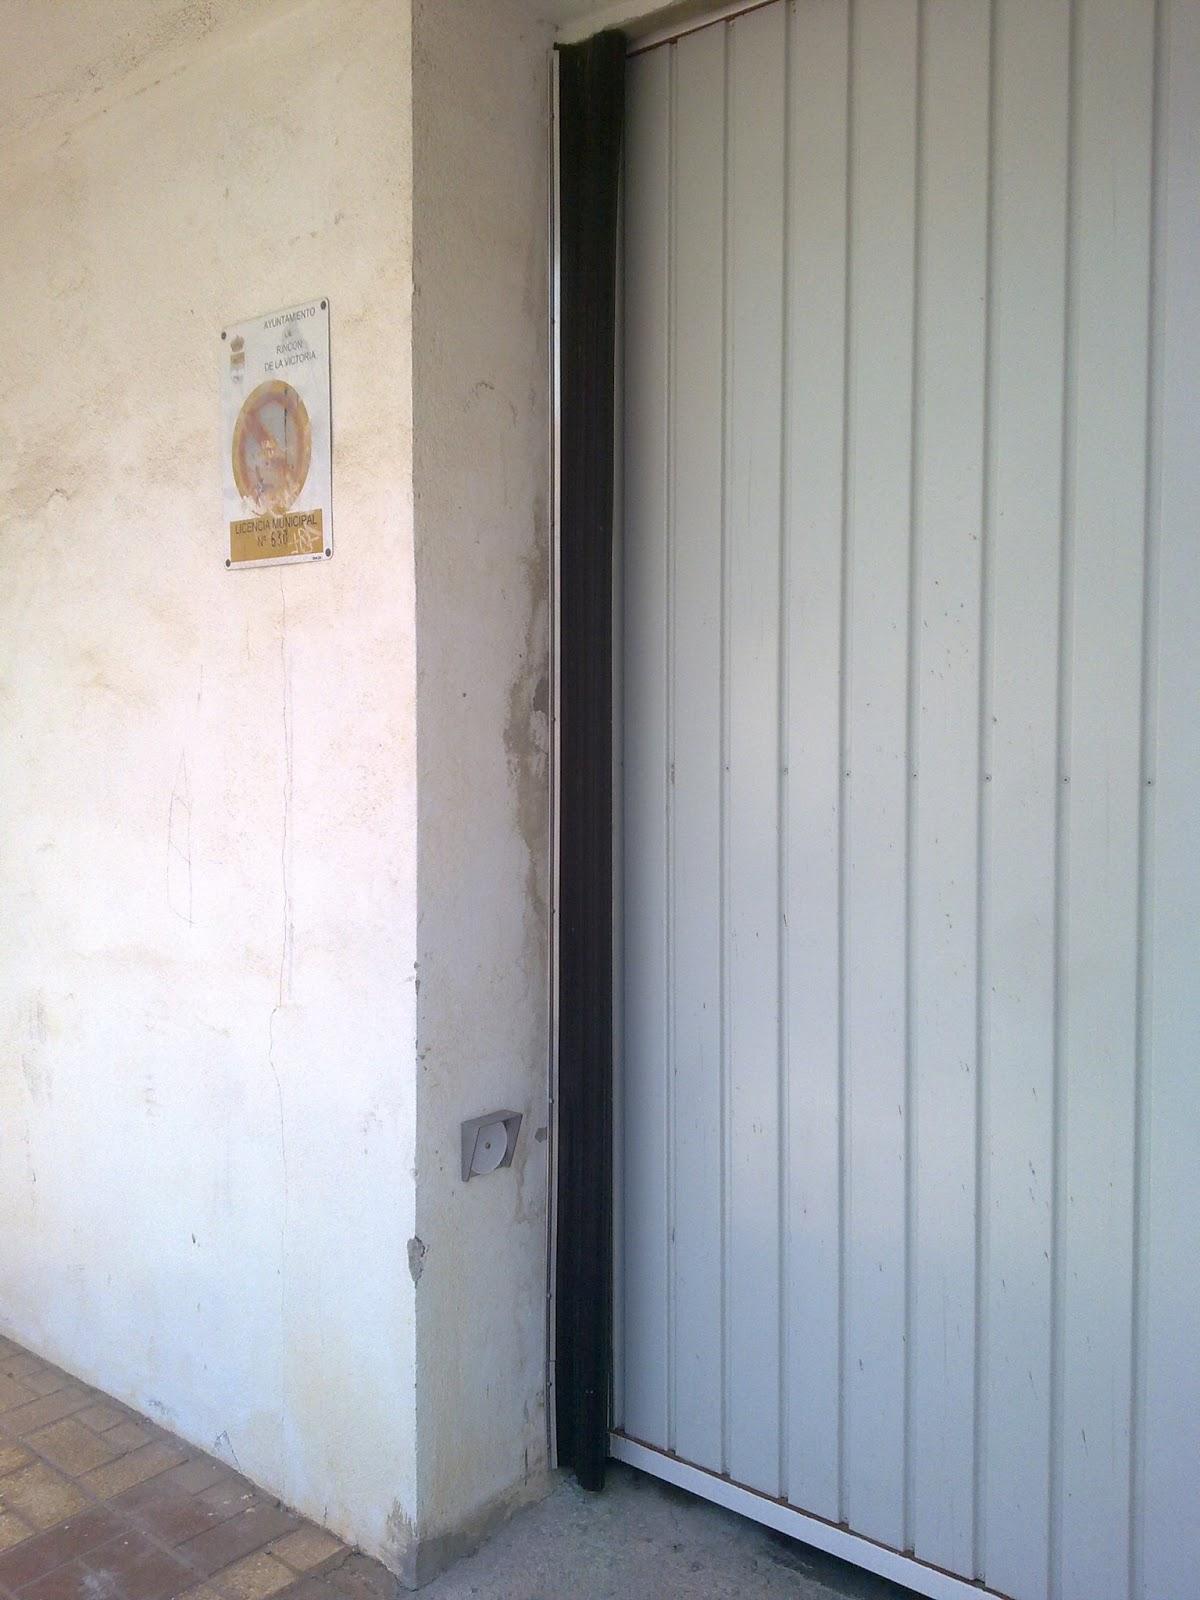 Puertas autom ticas for Puerta automatica no abre